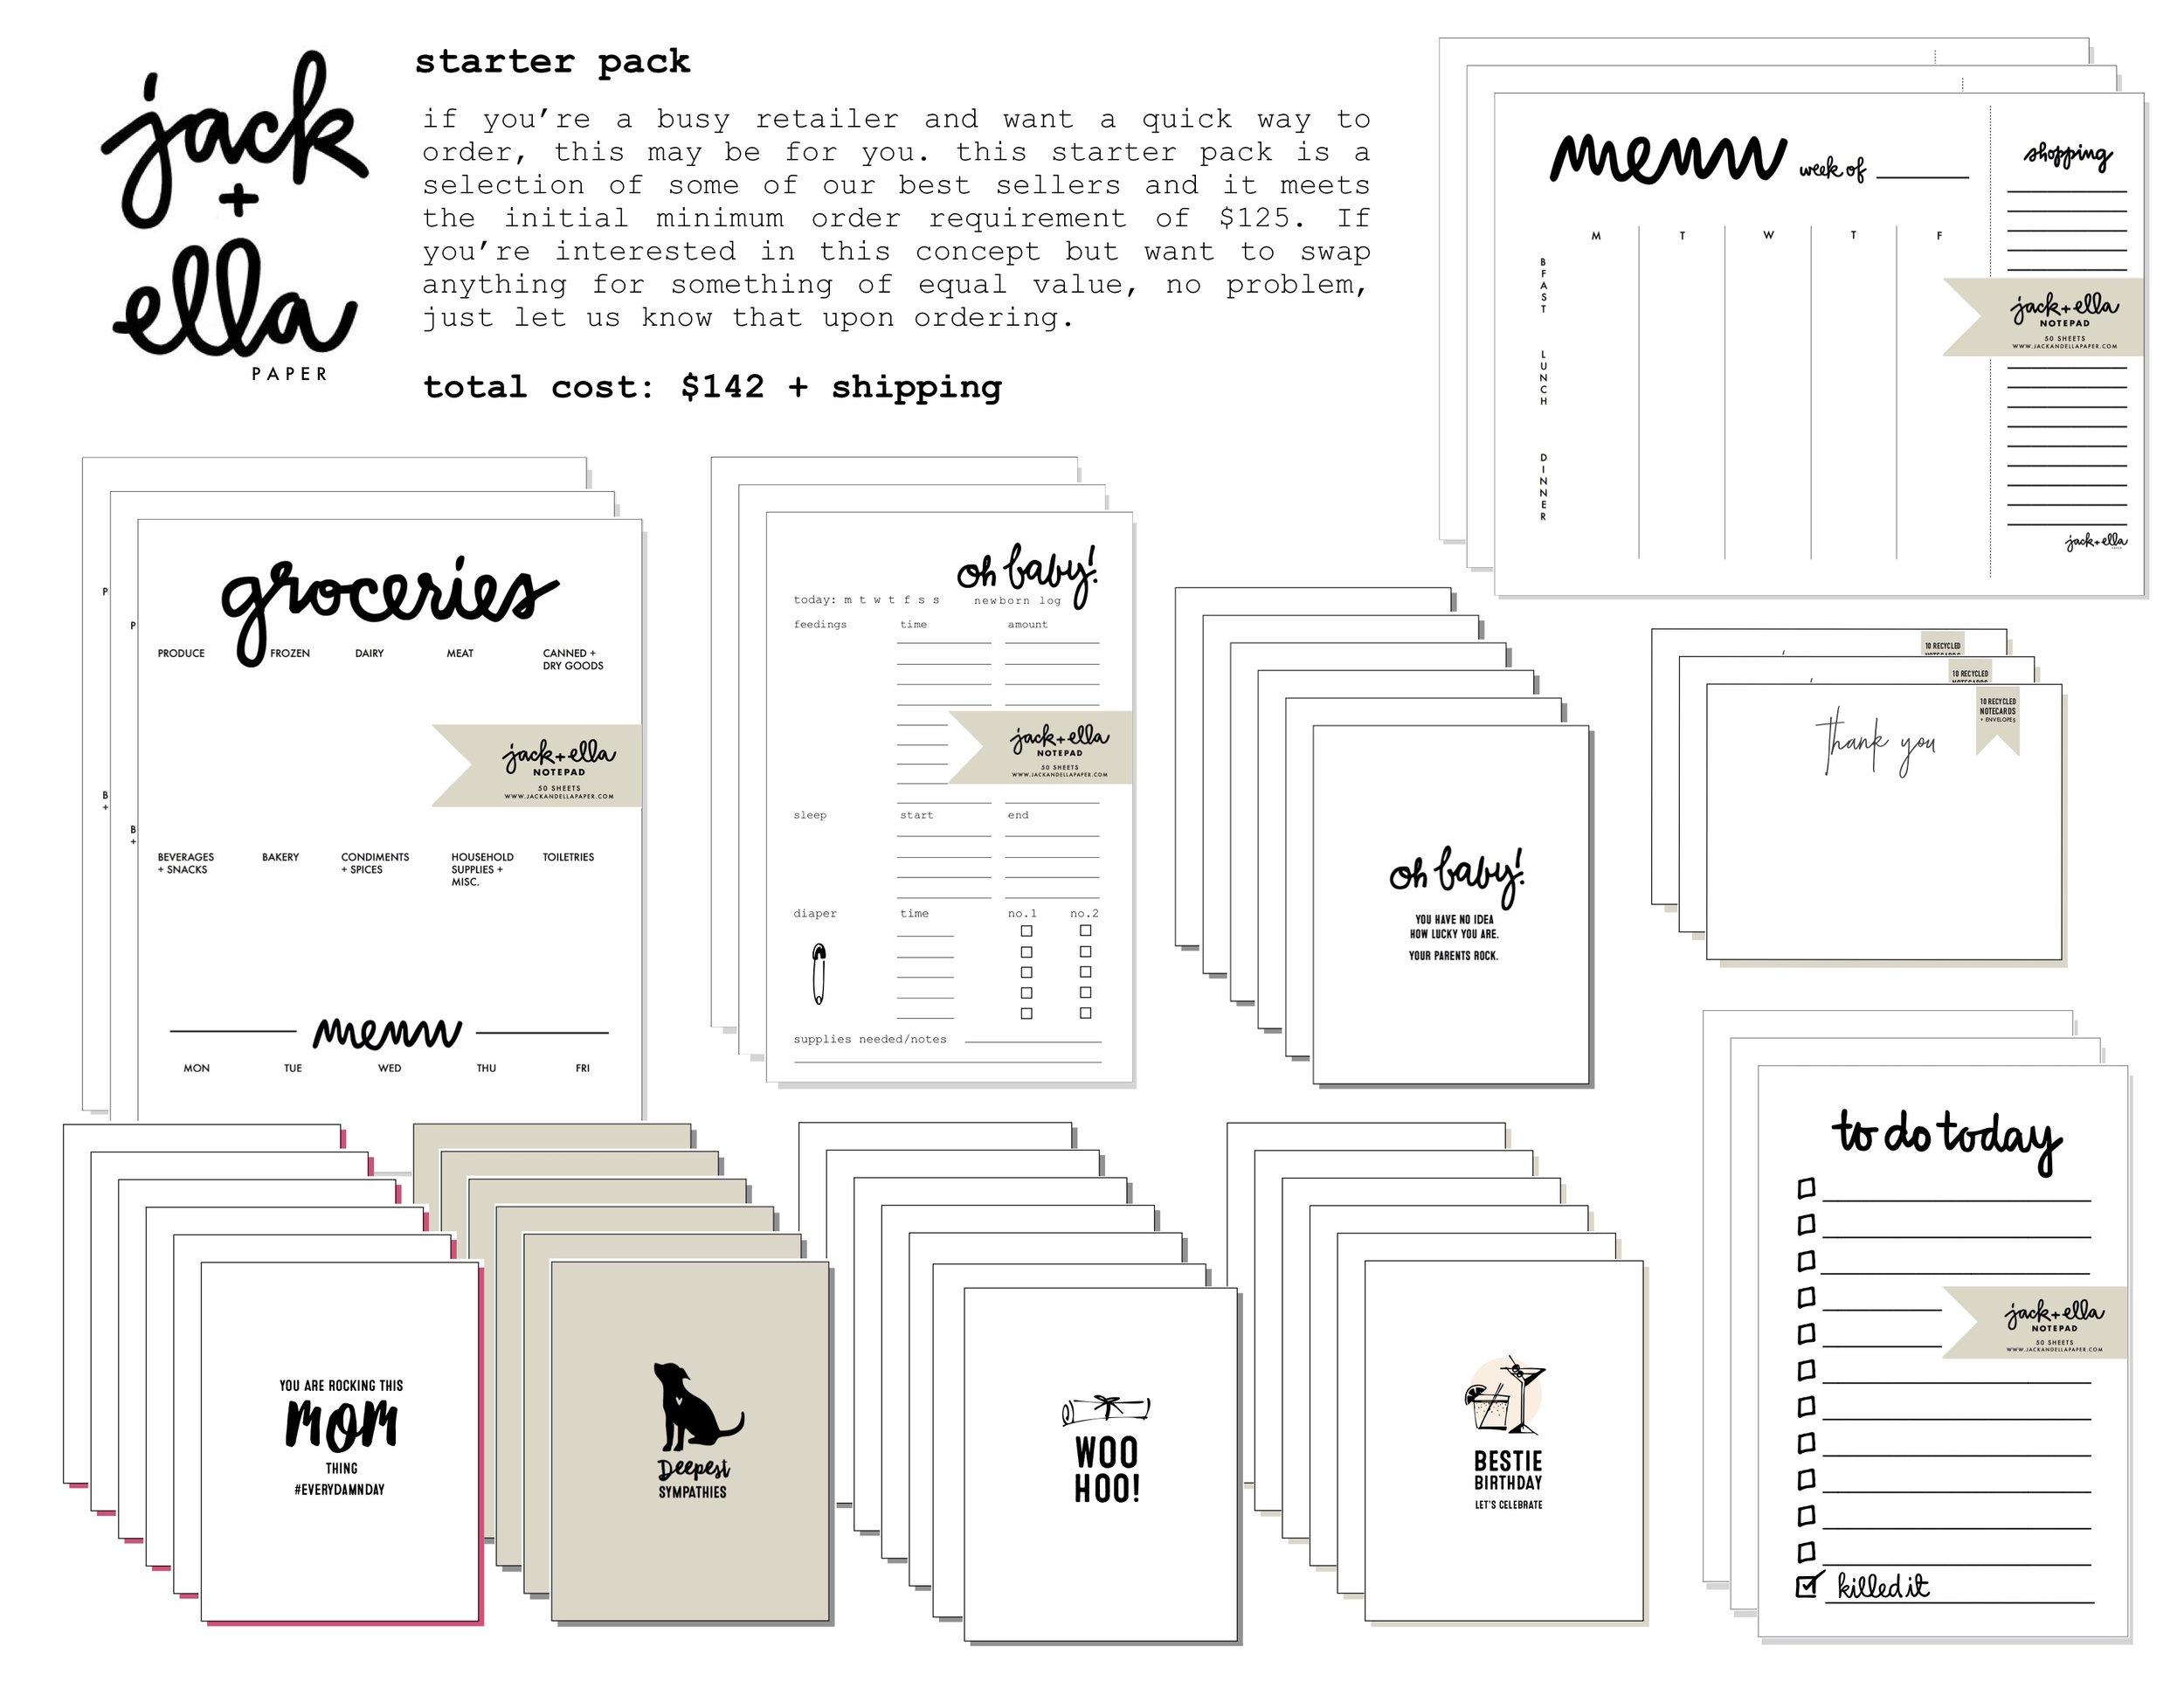 starter pack.jpg